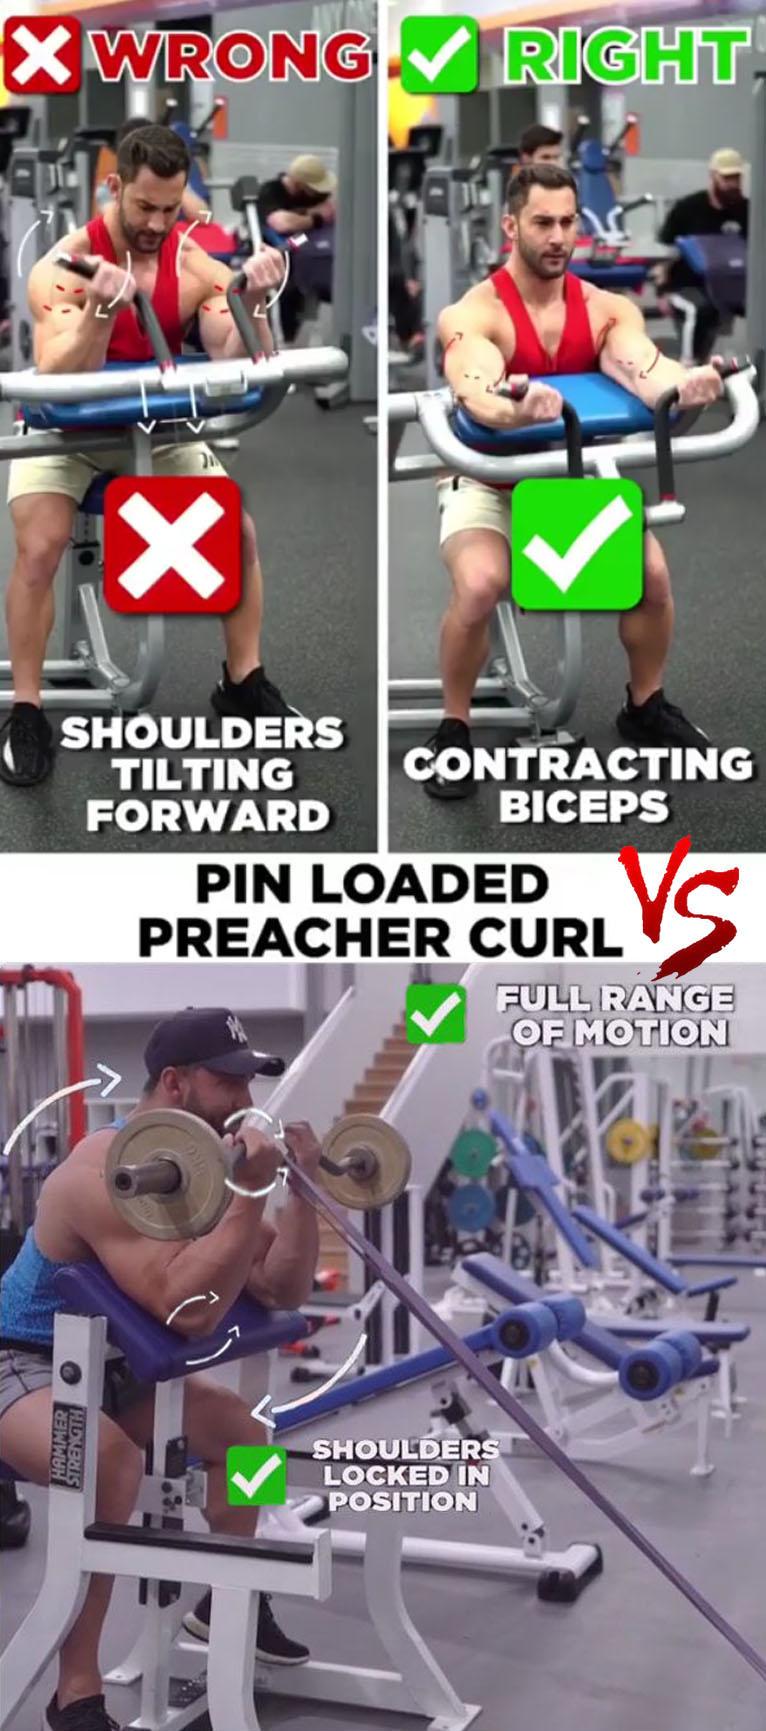 Pin Loaded Preacher Curl